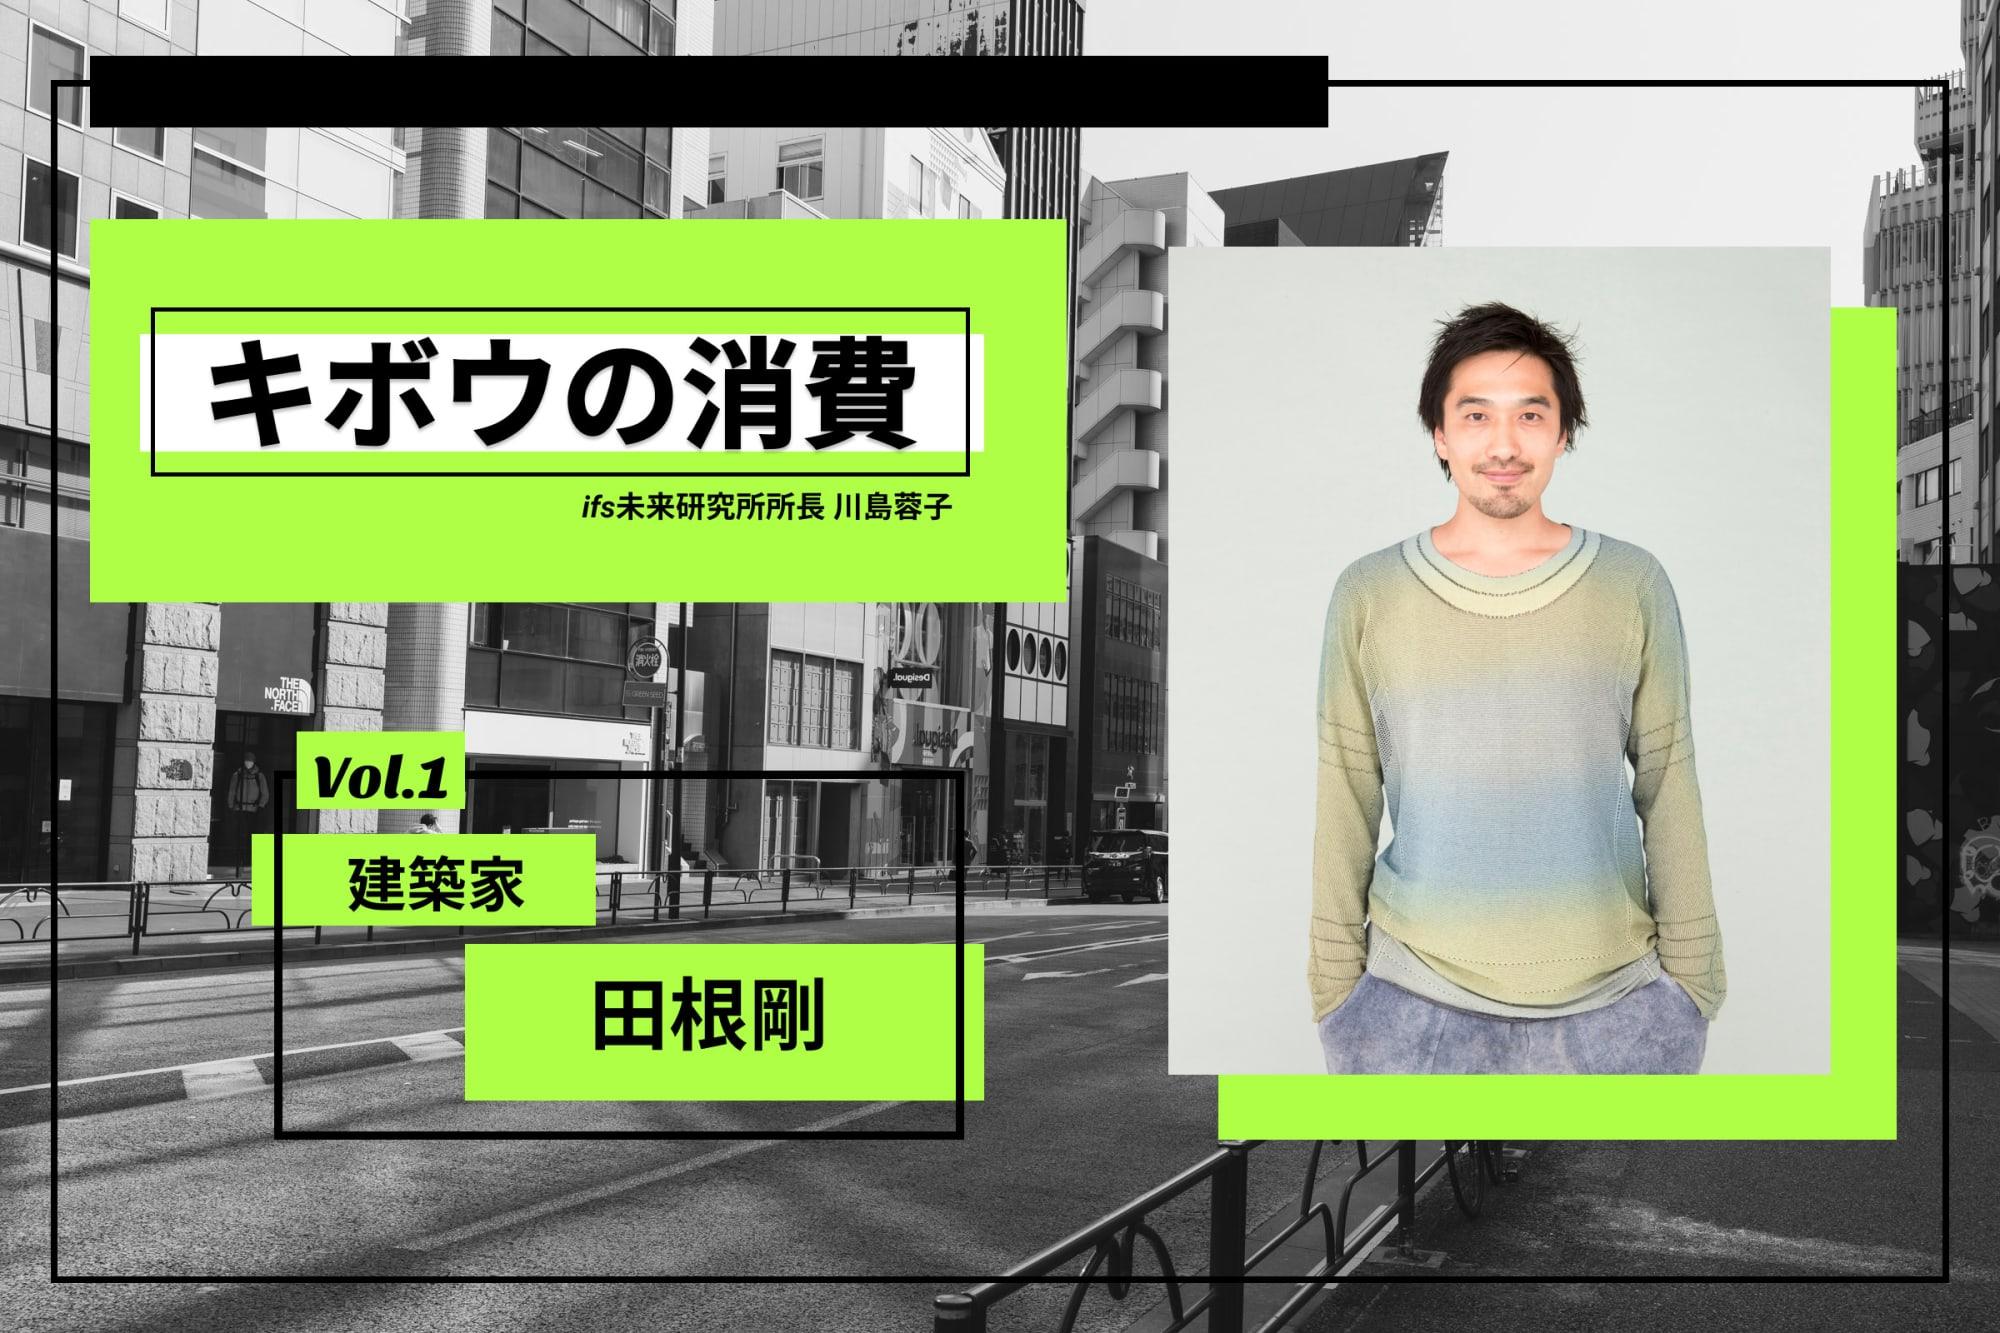 連載:キボウの消費】01 建築家 田根剛「人の想像力と創造力こそが問 ...